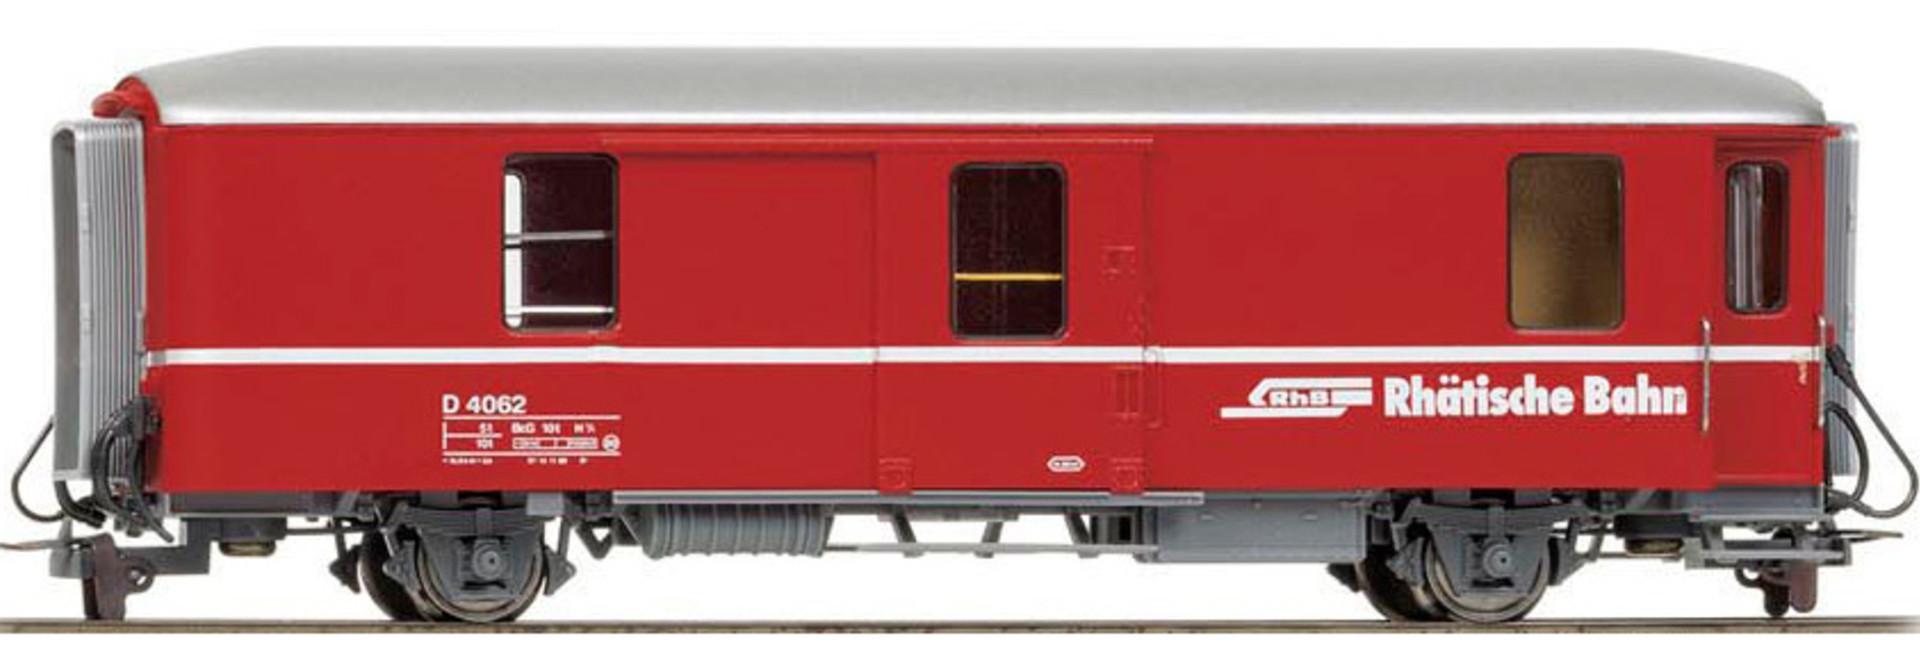 3236112 RhB D 4062 Packwagen rot